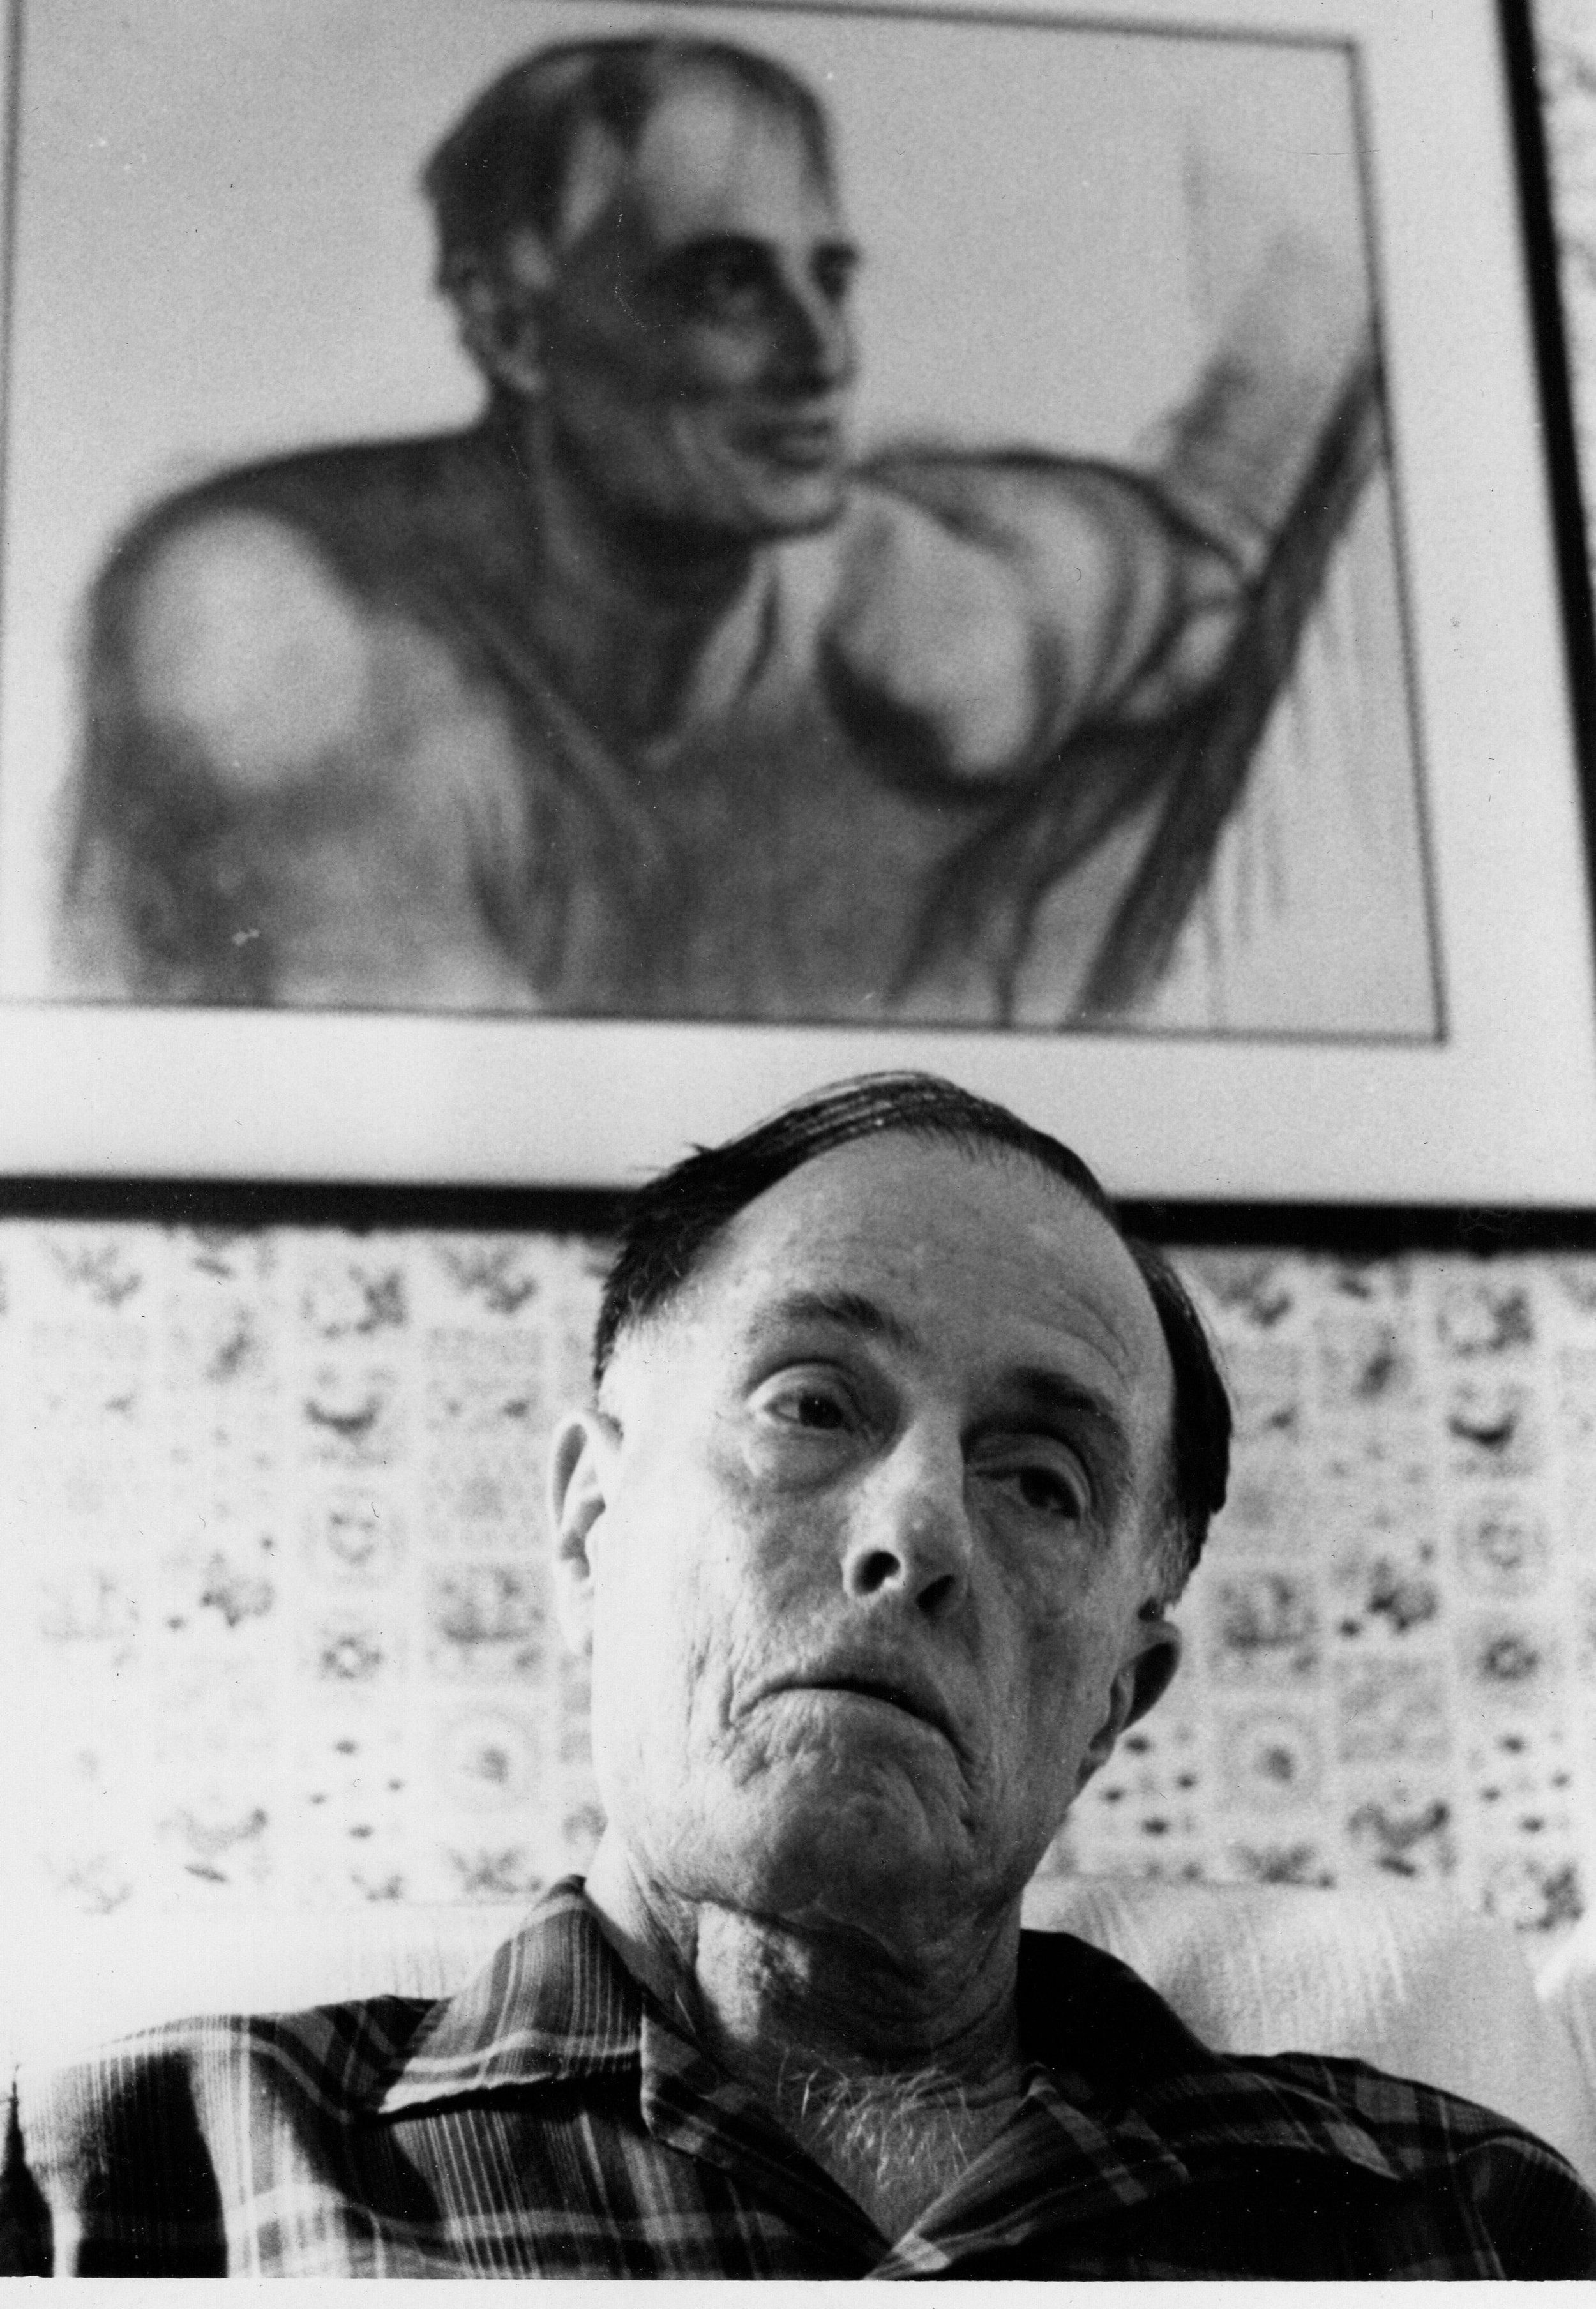 John at home, 1970